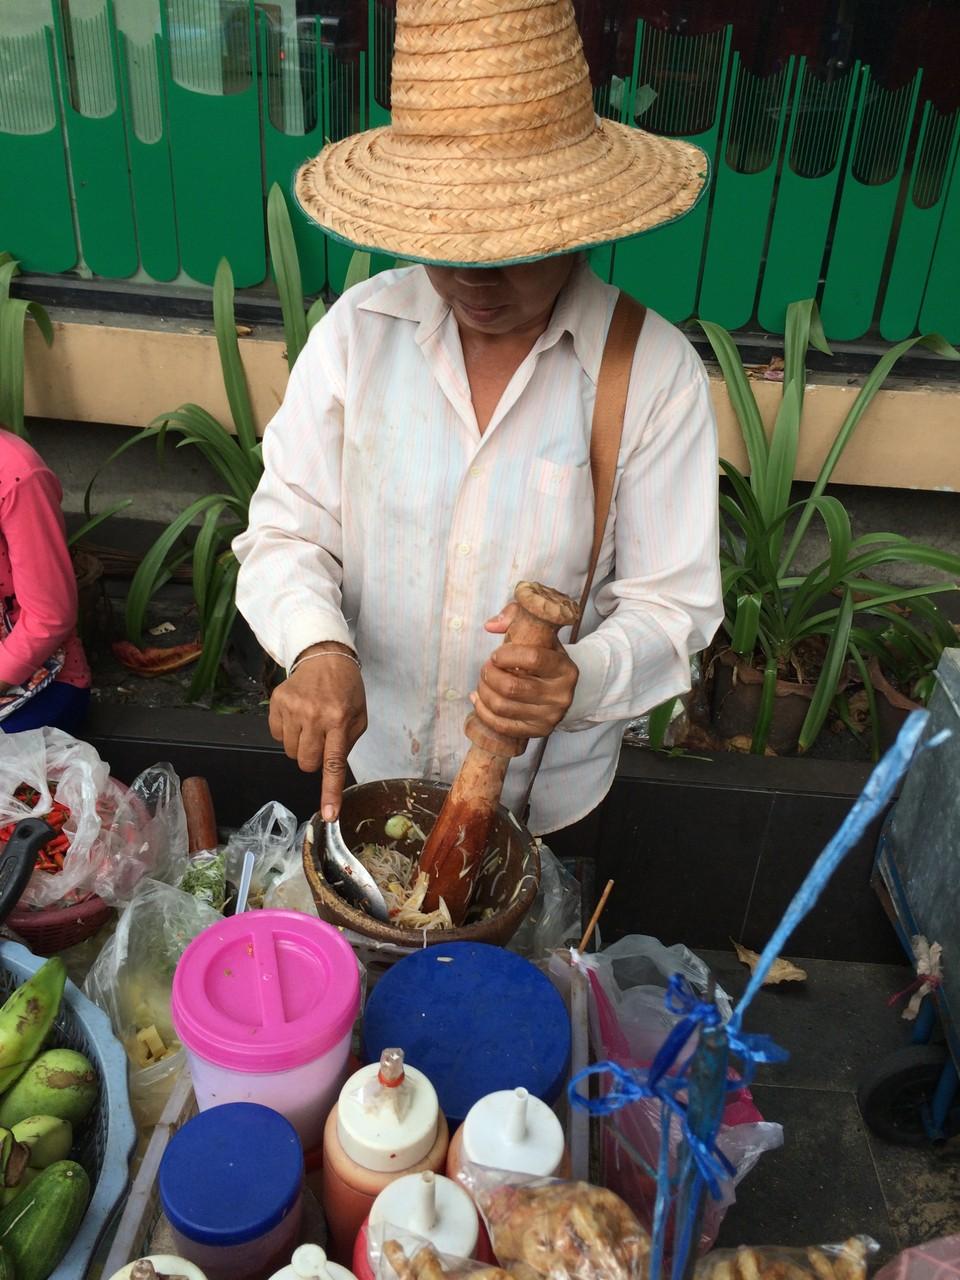 タイのすり鉢で野菜やハーブを潰しているおばちゃん。タイ料理はすり鉢で材料をガンガン潰して使うことが多い。美味しそうだったけど。ナンプラーとカニ入りでパス。